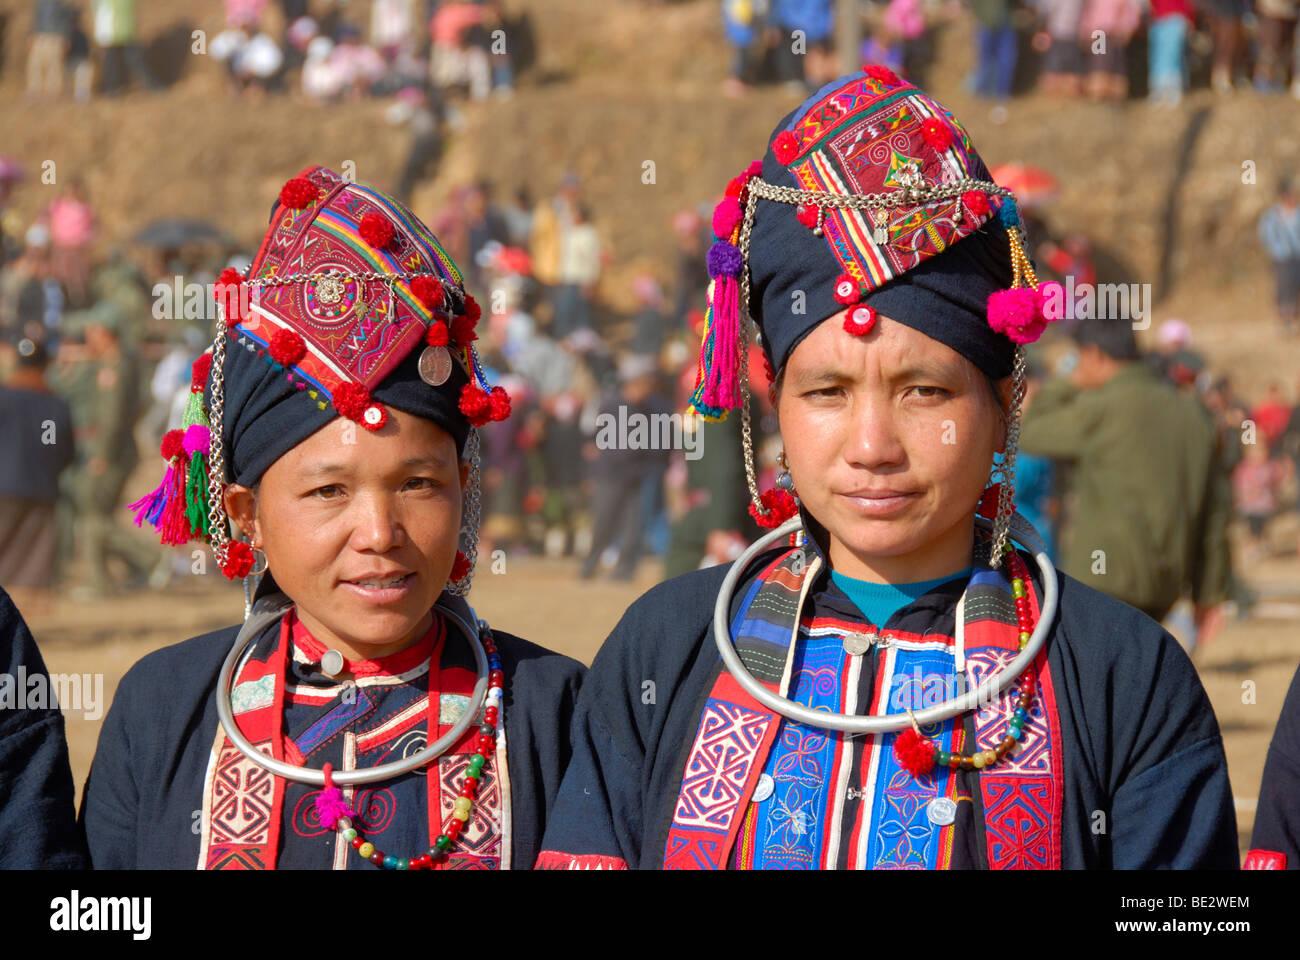 Porträt, Ethnologie, zwei Frauen von der Akha Oma Ethnie in bunten Kleidern, Kopfschmuck, Festival in Phongsali Stockbild